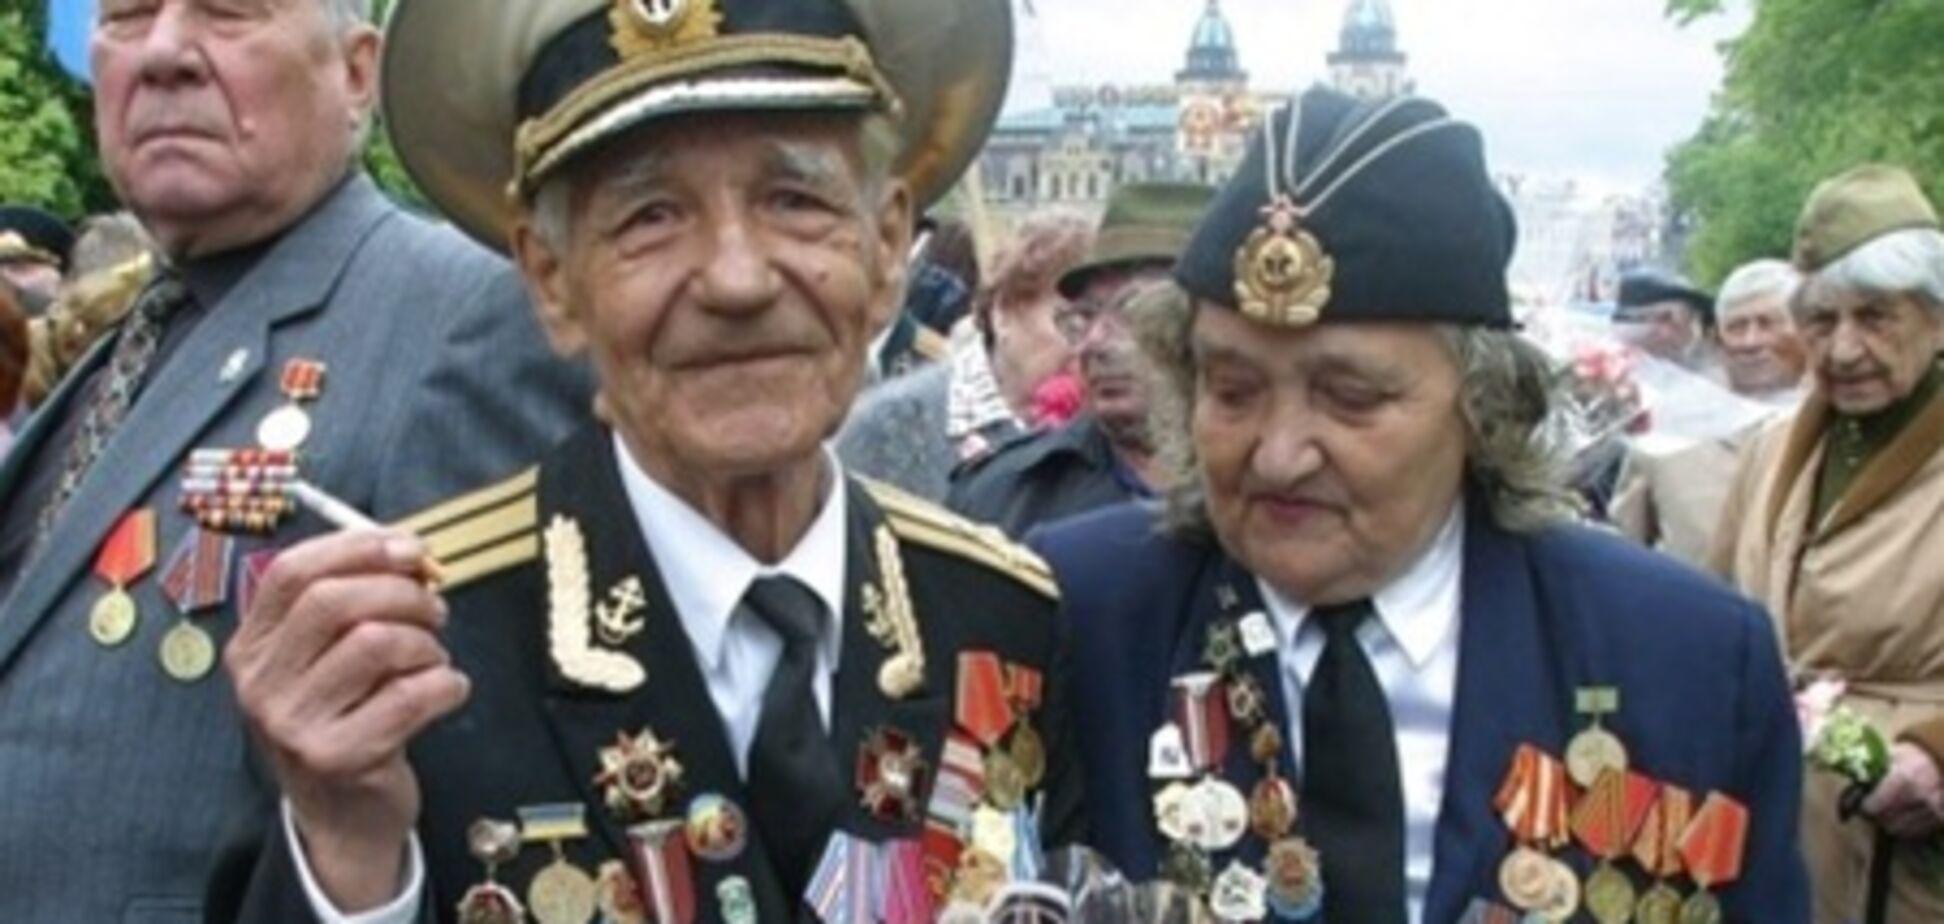 Ветераны отметили освобождение Львова от фашистов вопреки запрету